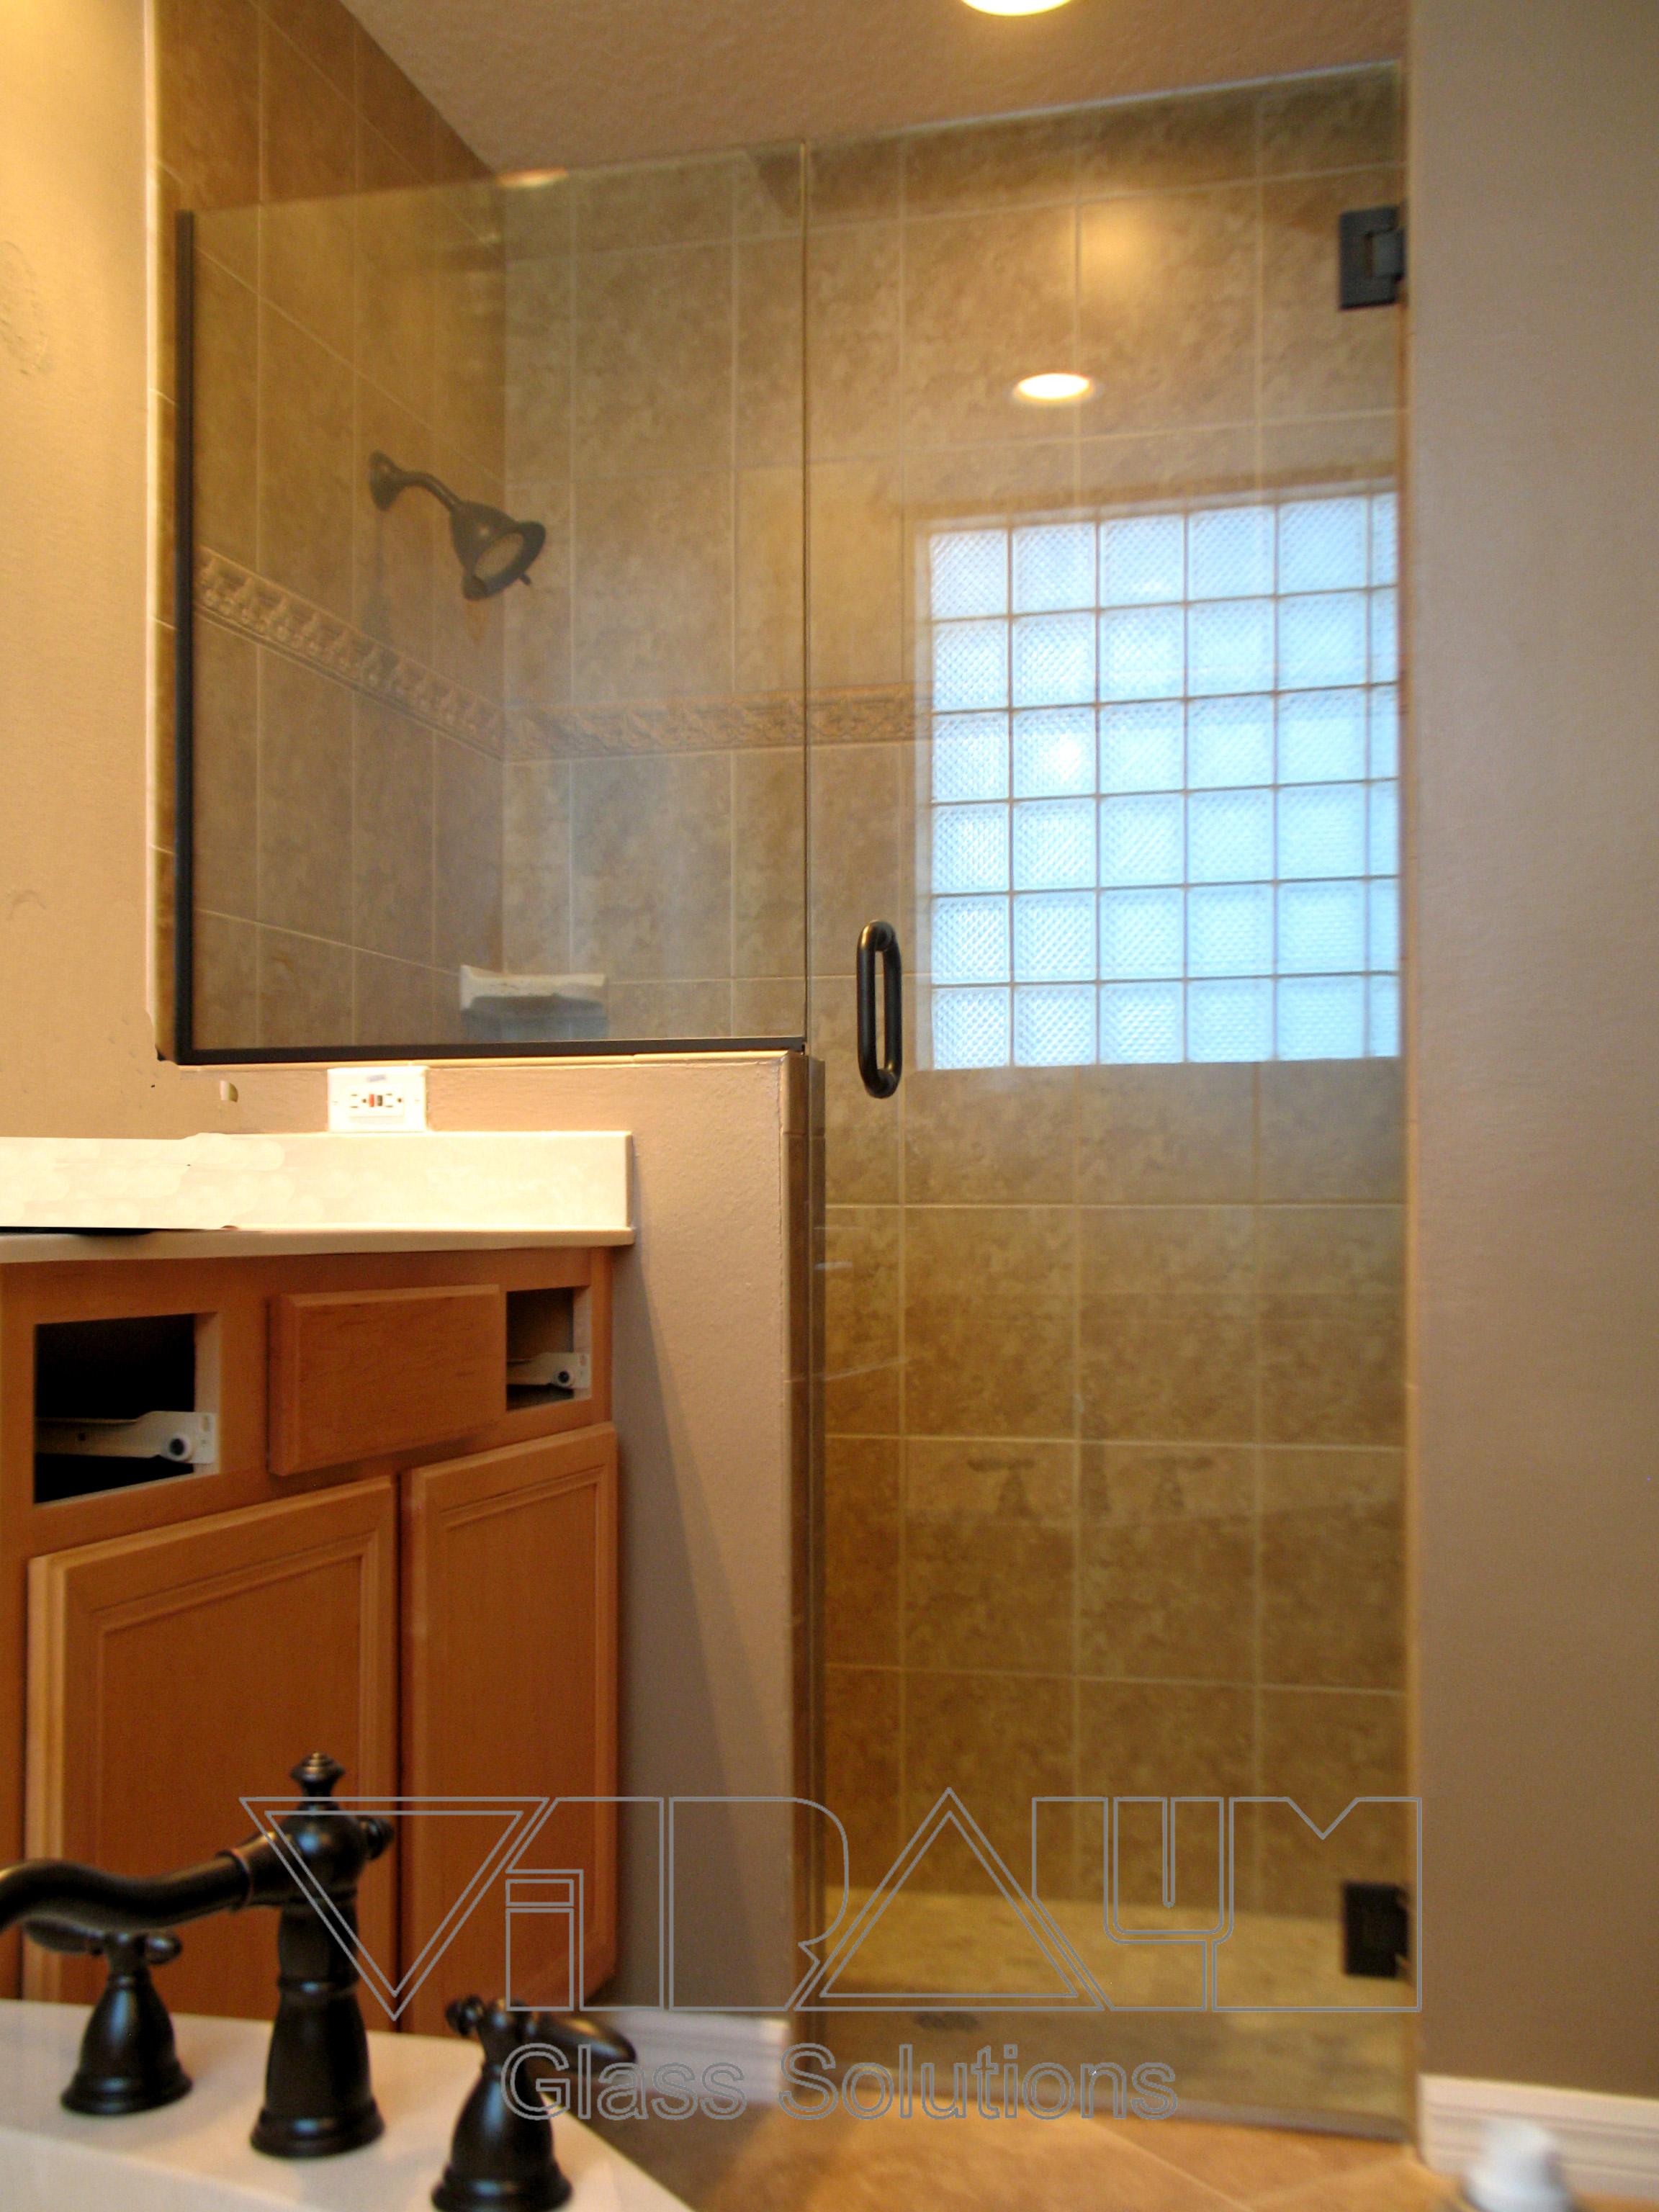 Orlando glass doors frameless shower enclosures bathroom showers fl Bathroom design center orlando